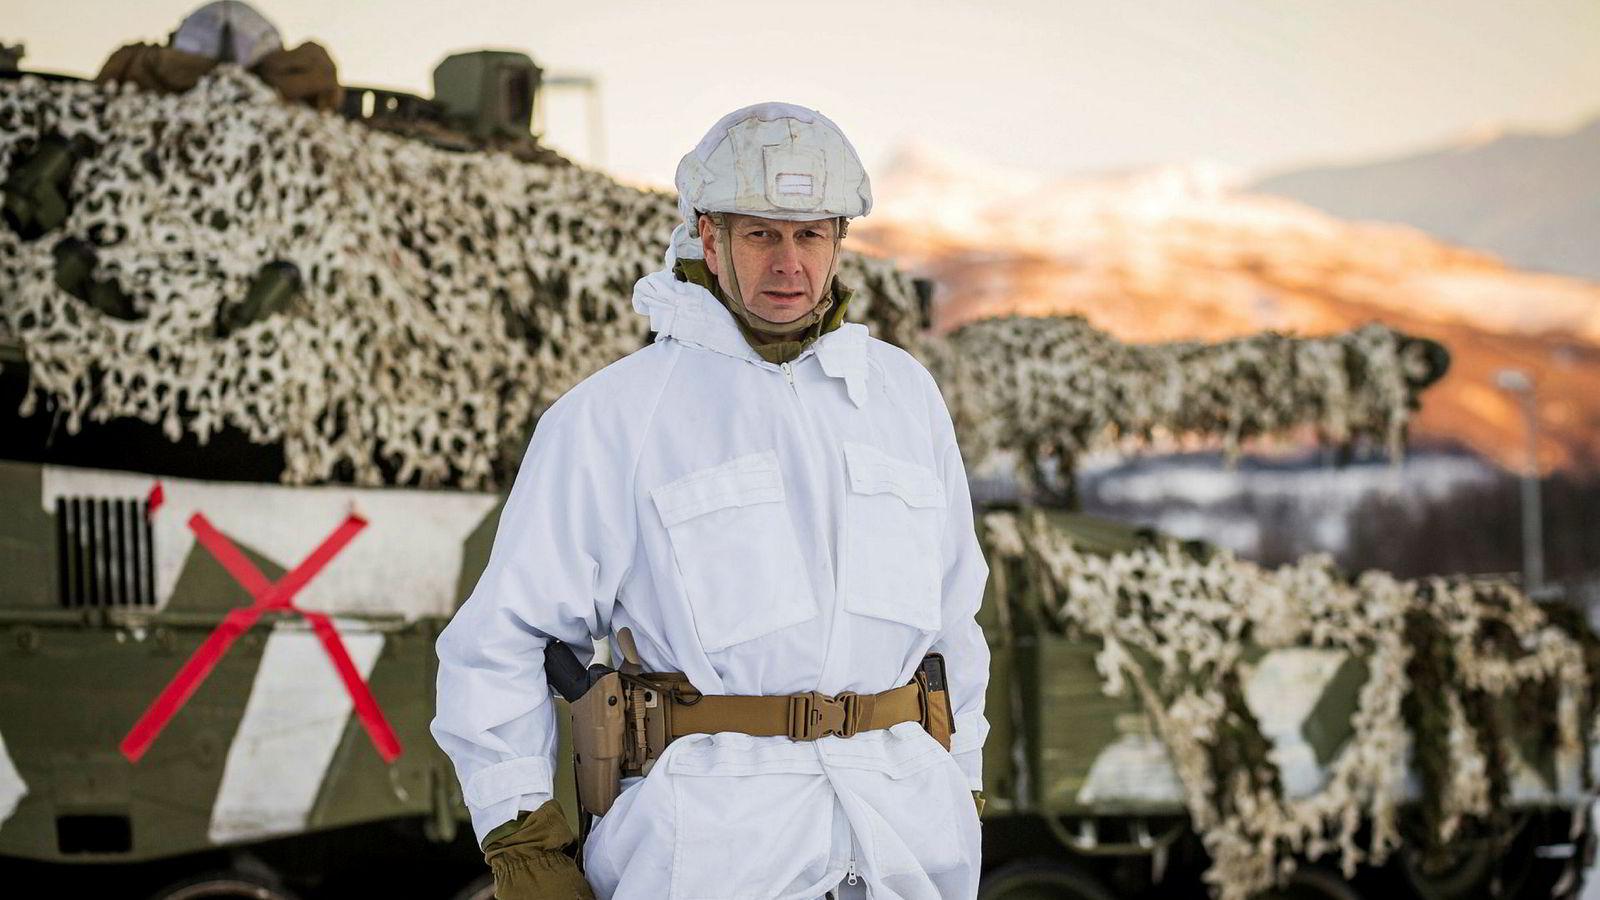 Tidligere brigadesjef Eldar Berli påstår at norsk forsvarspolitikk er grunnleggende endret. Vekten er lagt på avskrekking ved å satse på nye kampfly og fremtidige missiler, mener han.